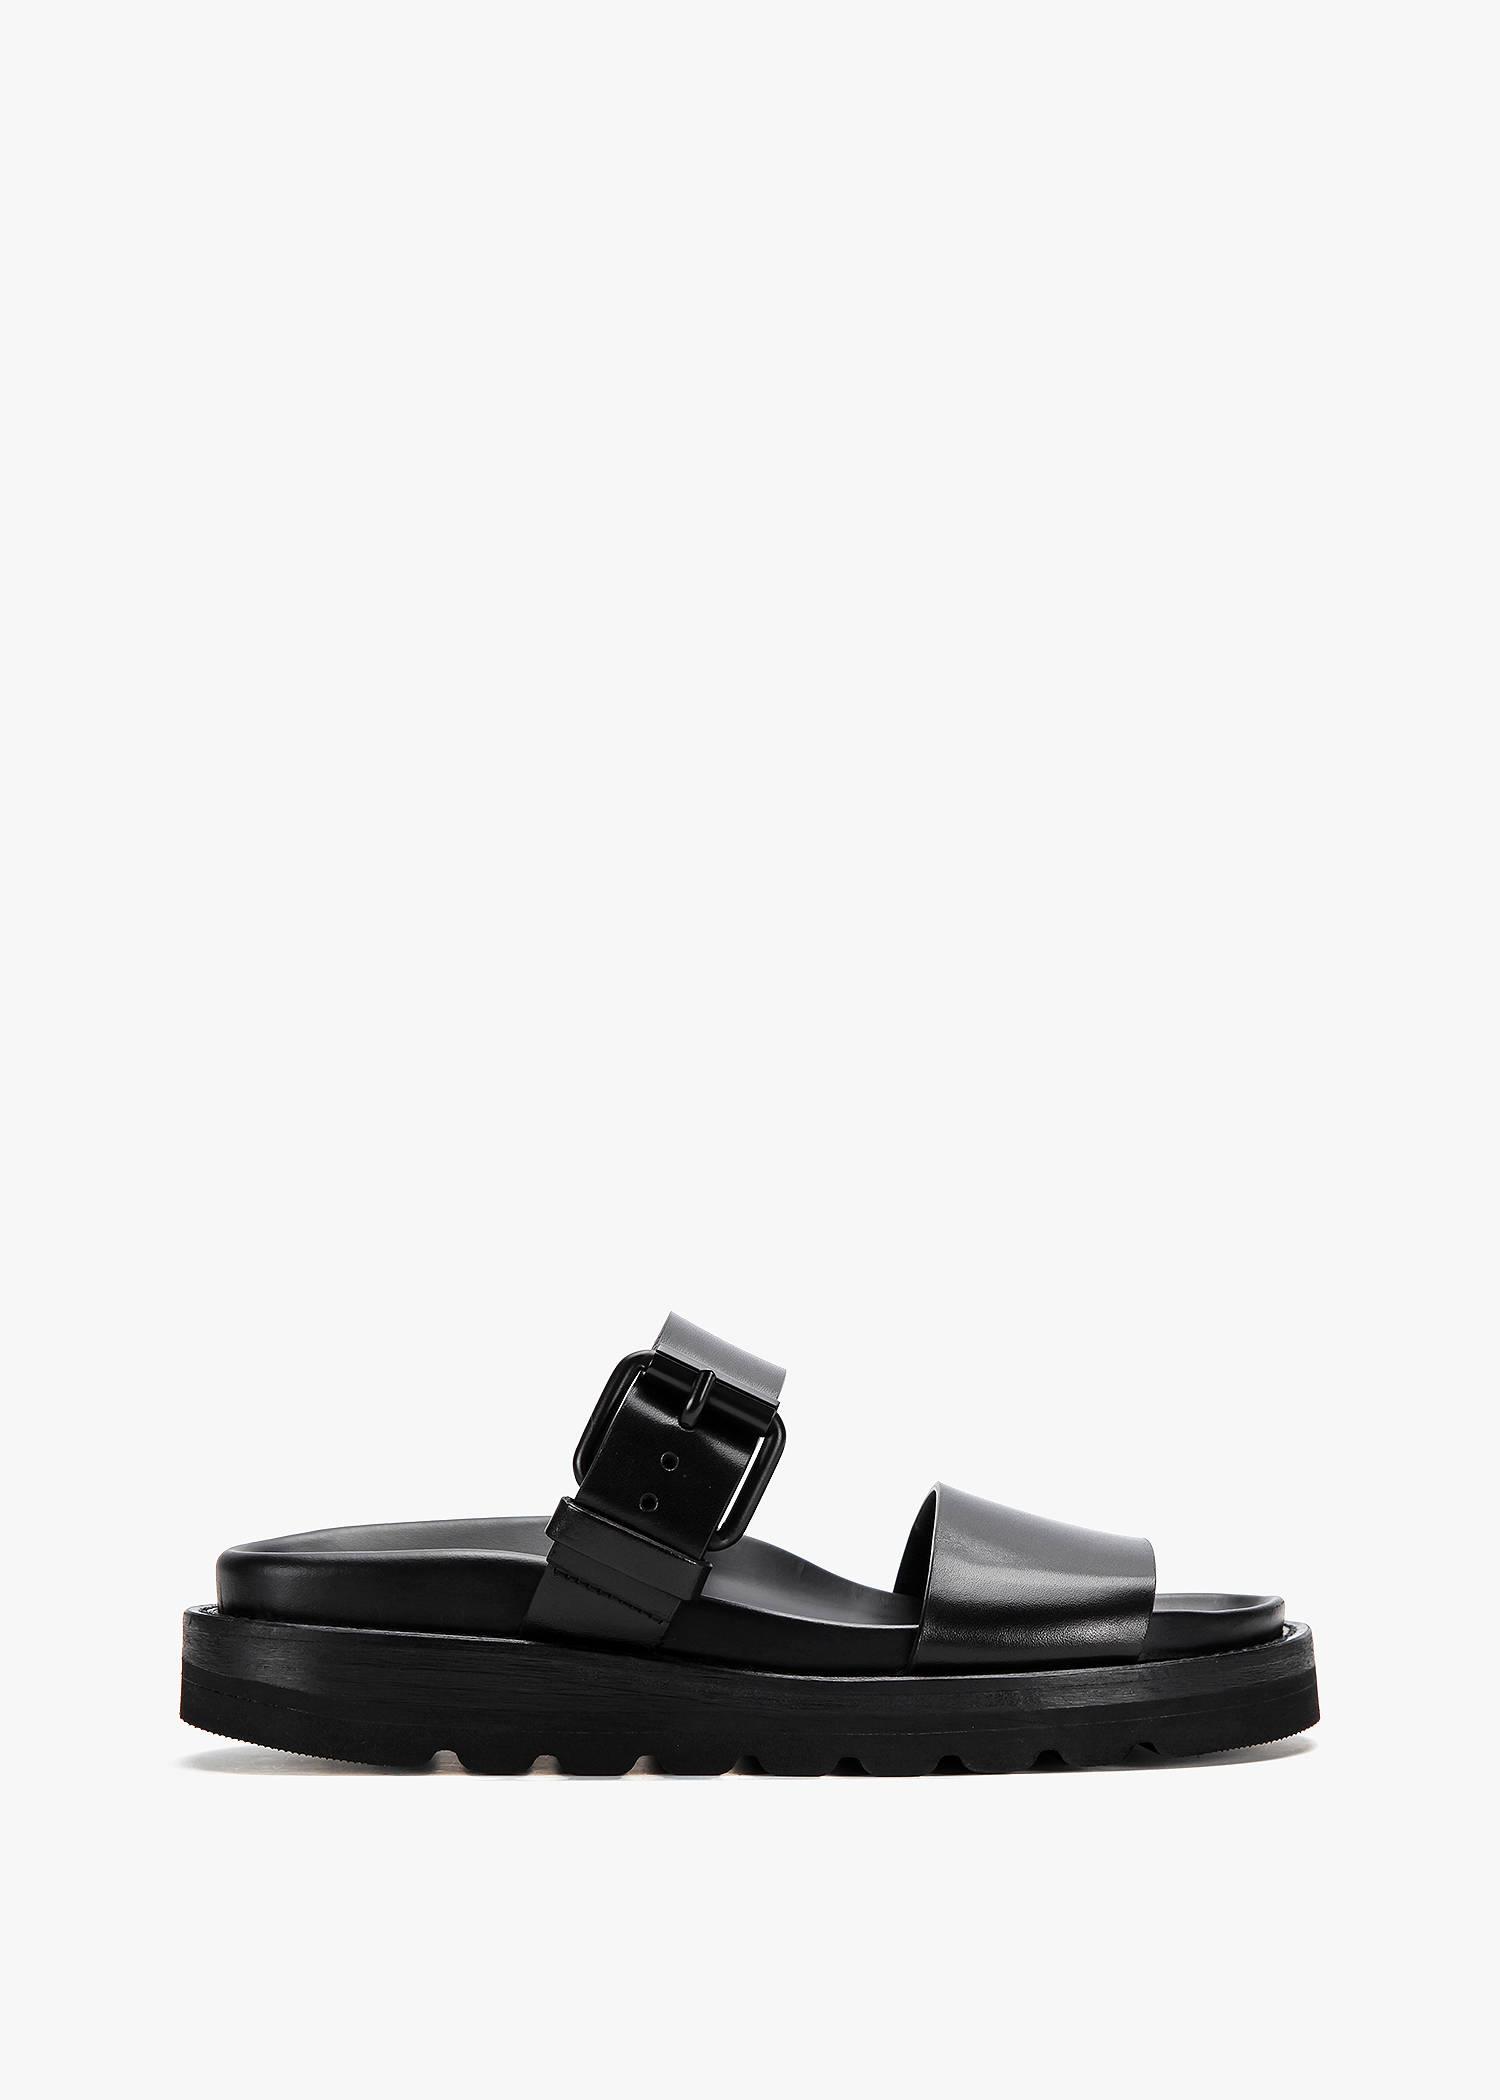 Ann Demeulemeester Strap Sandal In Black